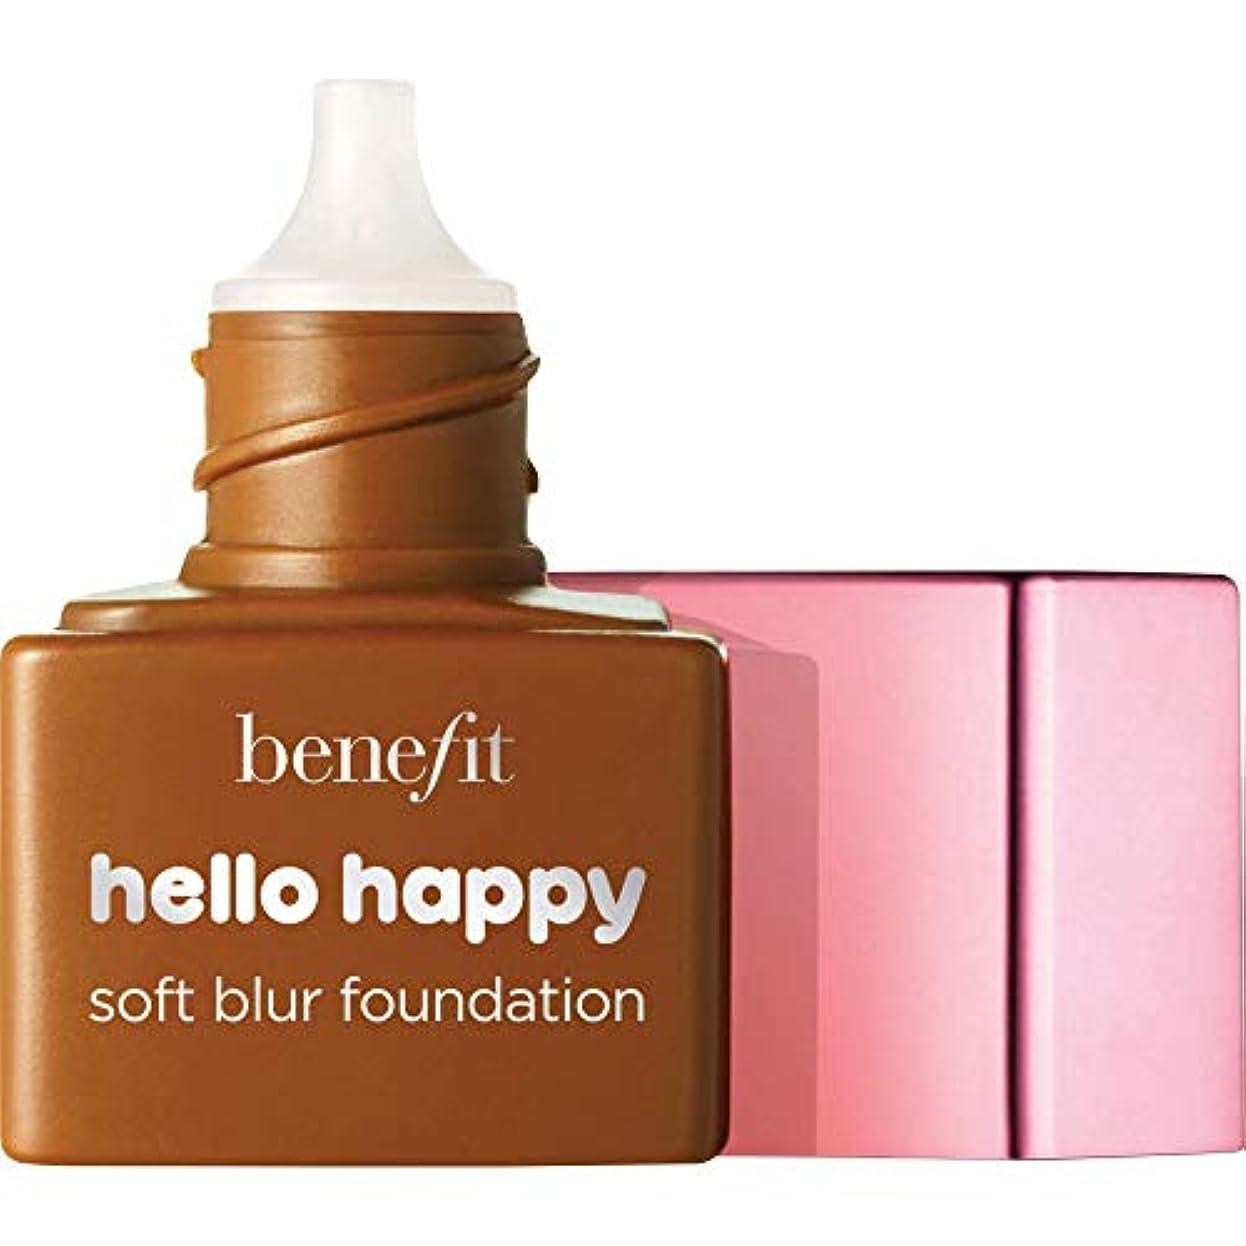 イースター励起嵐が丘[Benefit ] ミニ9 - - ハロー幸せソフトブラー基礎Spf15の6ミリリットルの利益中立深いです - Benefit Hello Happy Soft Blur Foundation SPF15 6ml -...